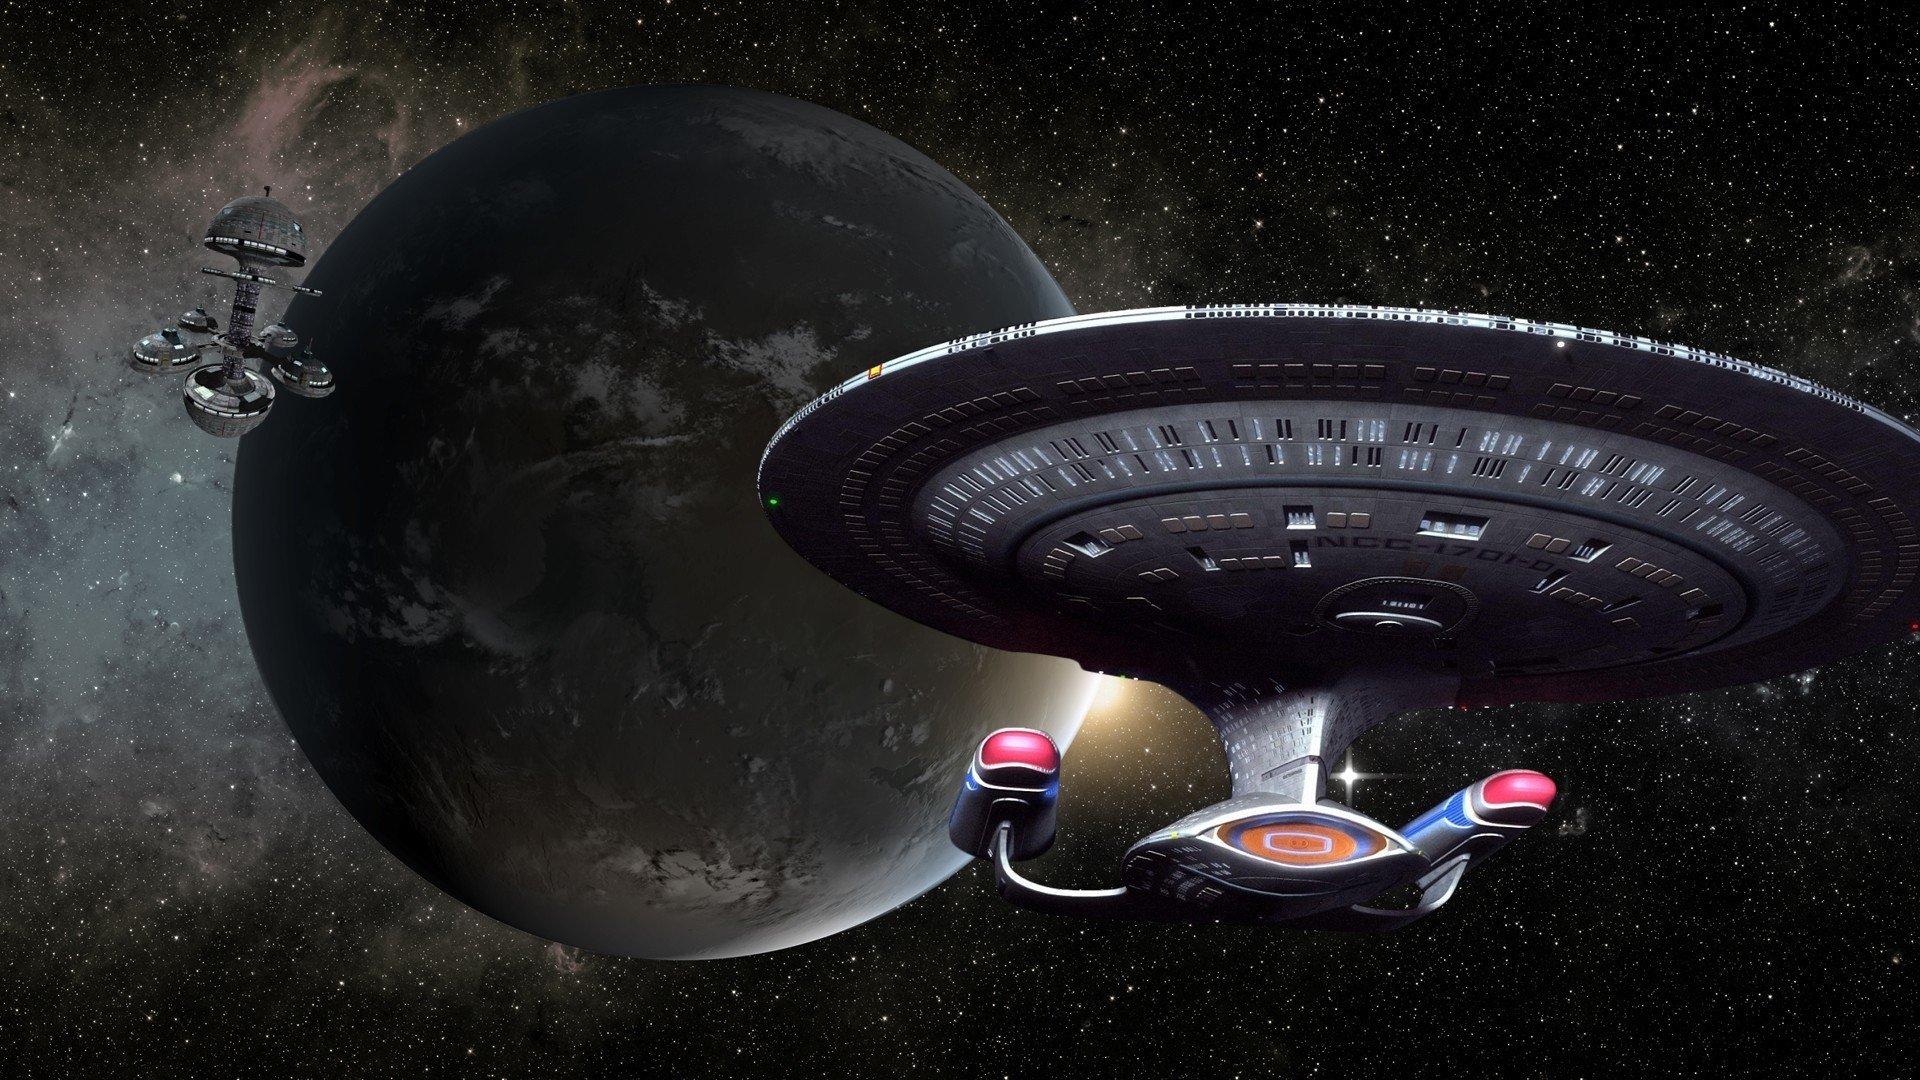 Raumschiff Enterprise – Das Nächste Jahrhundert Star Trek - The Next Generation Theme